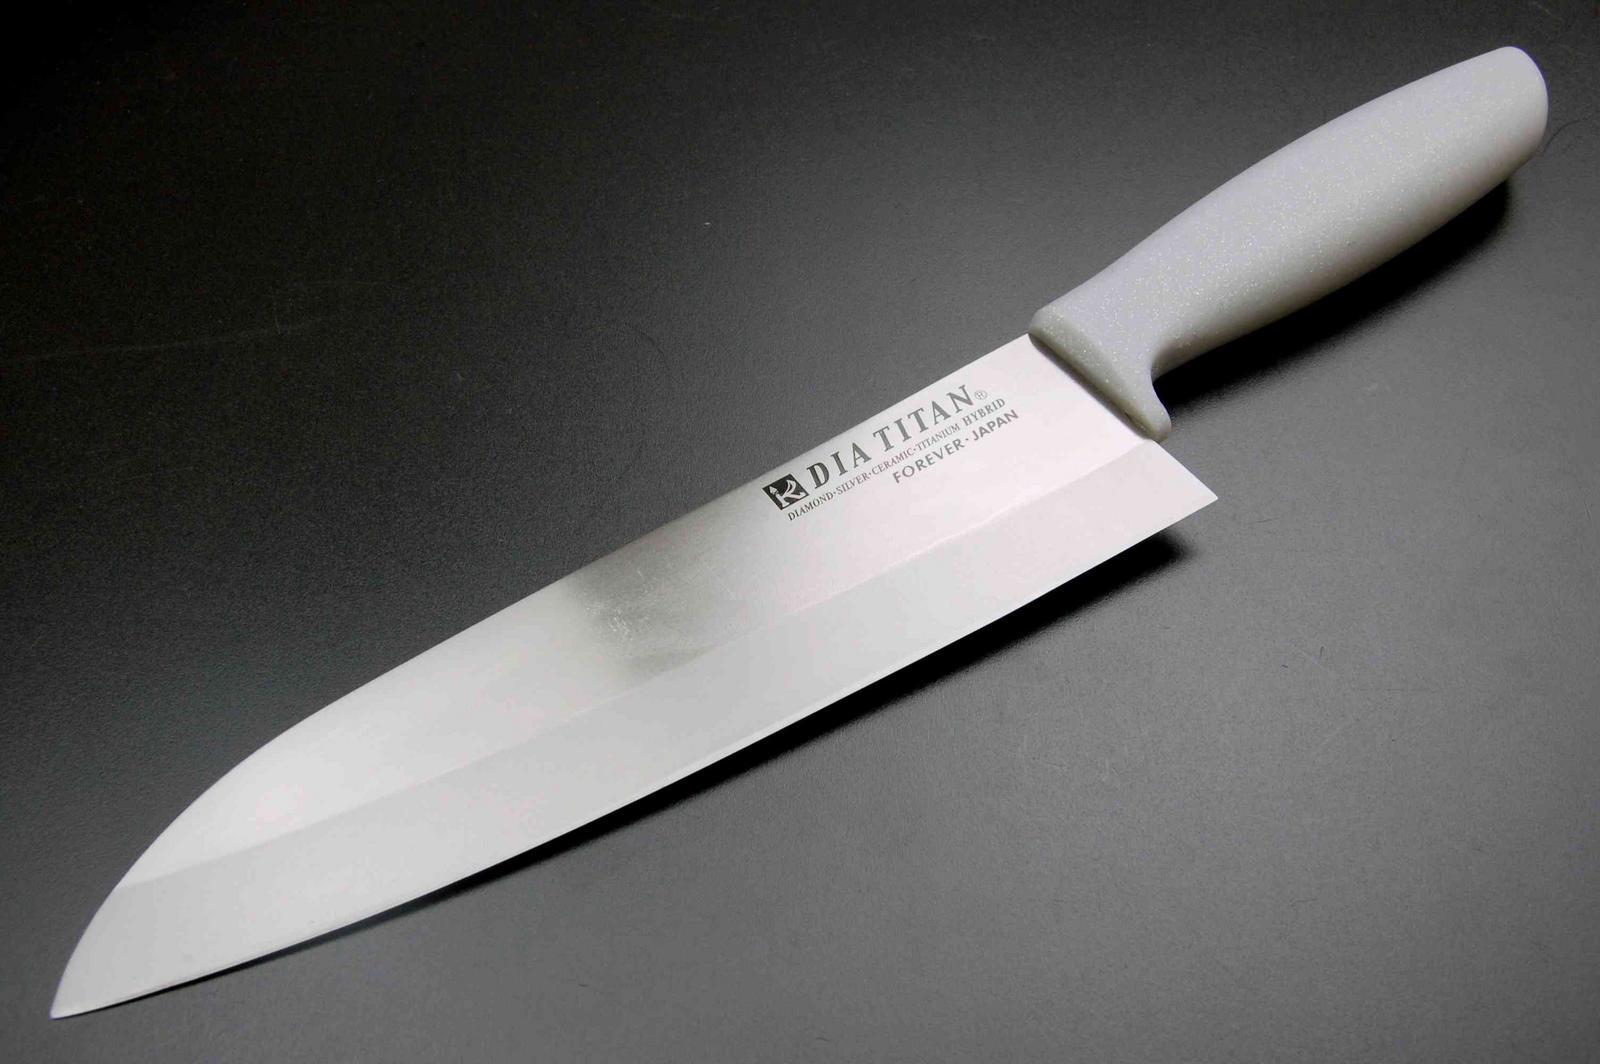 Шеф нож из титана